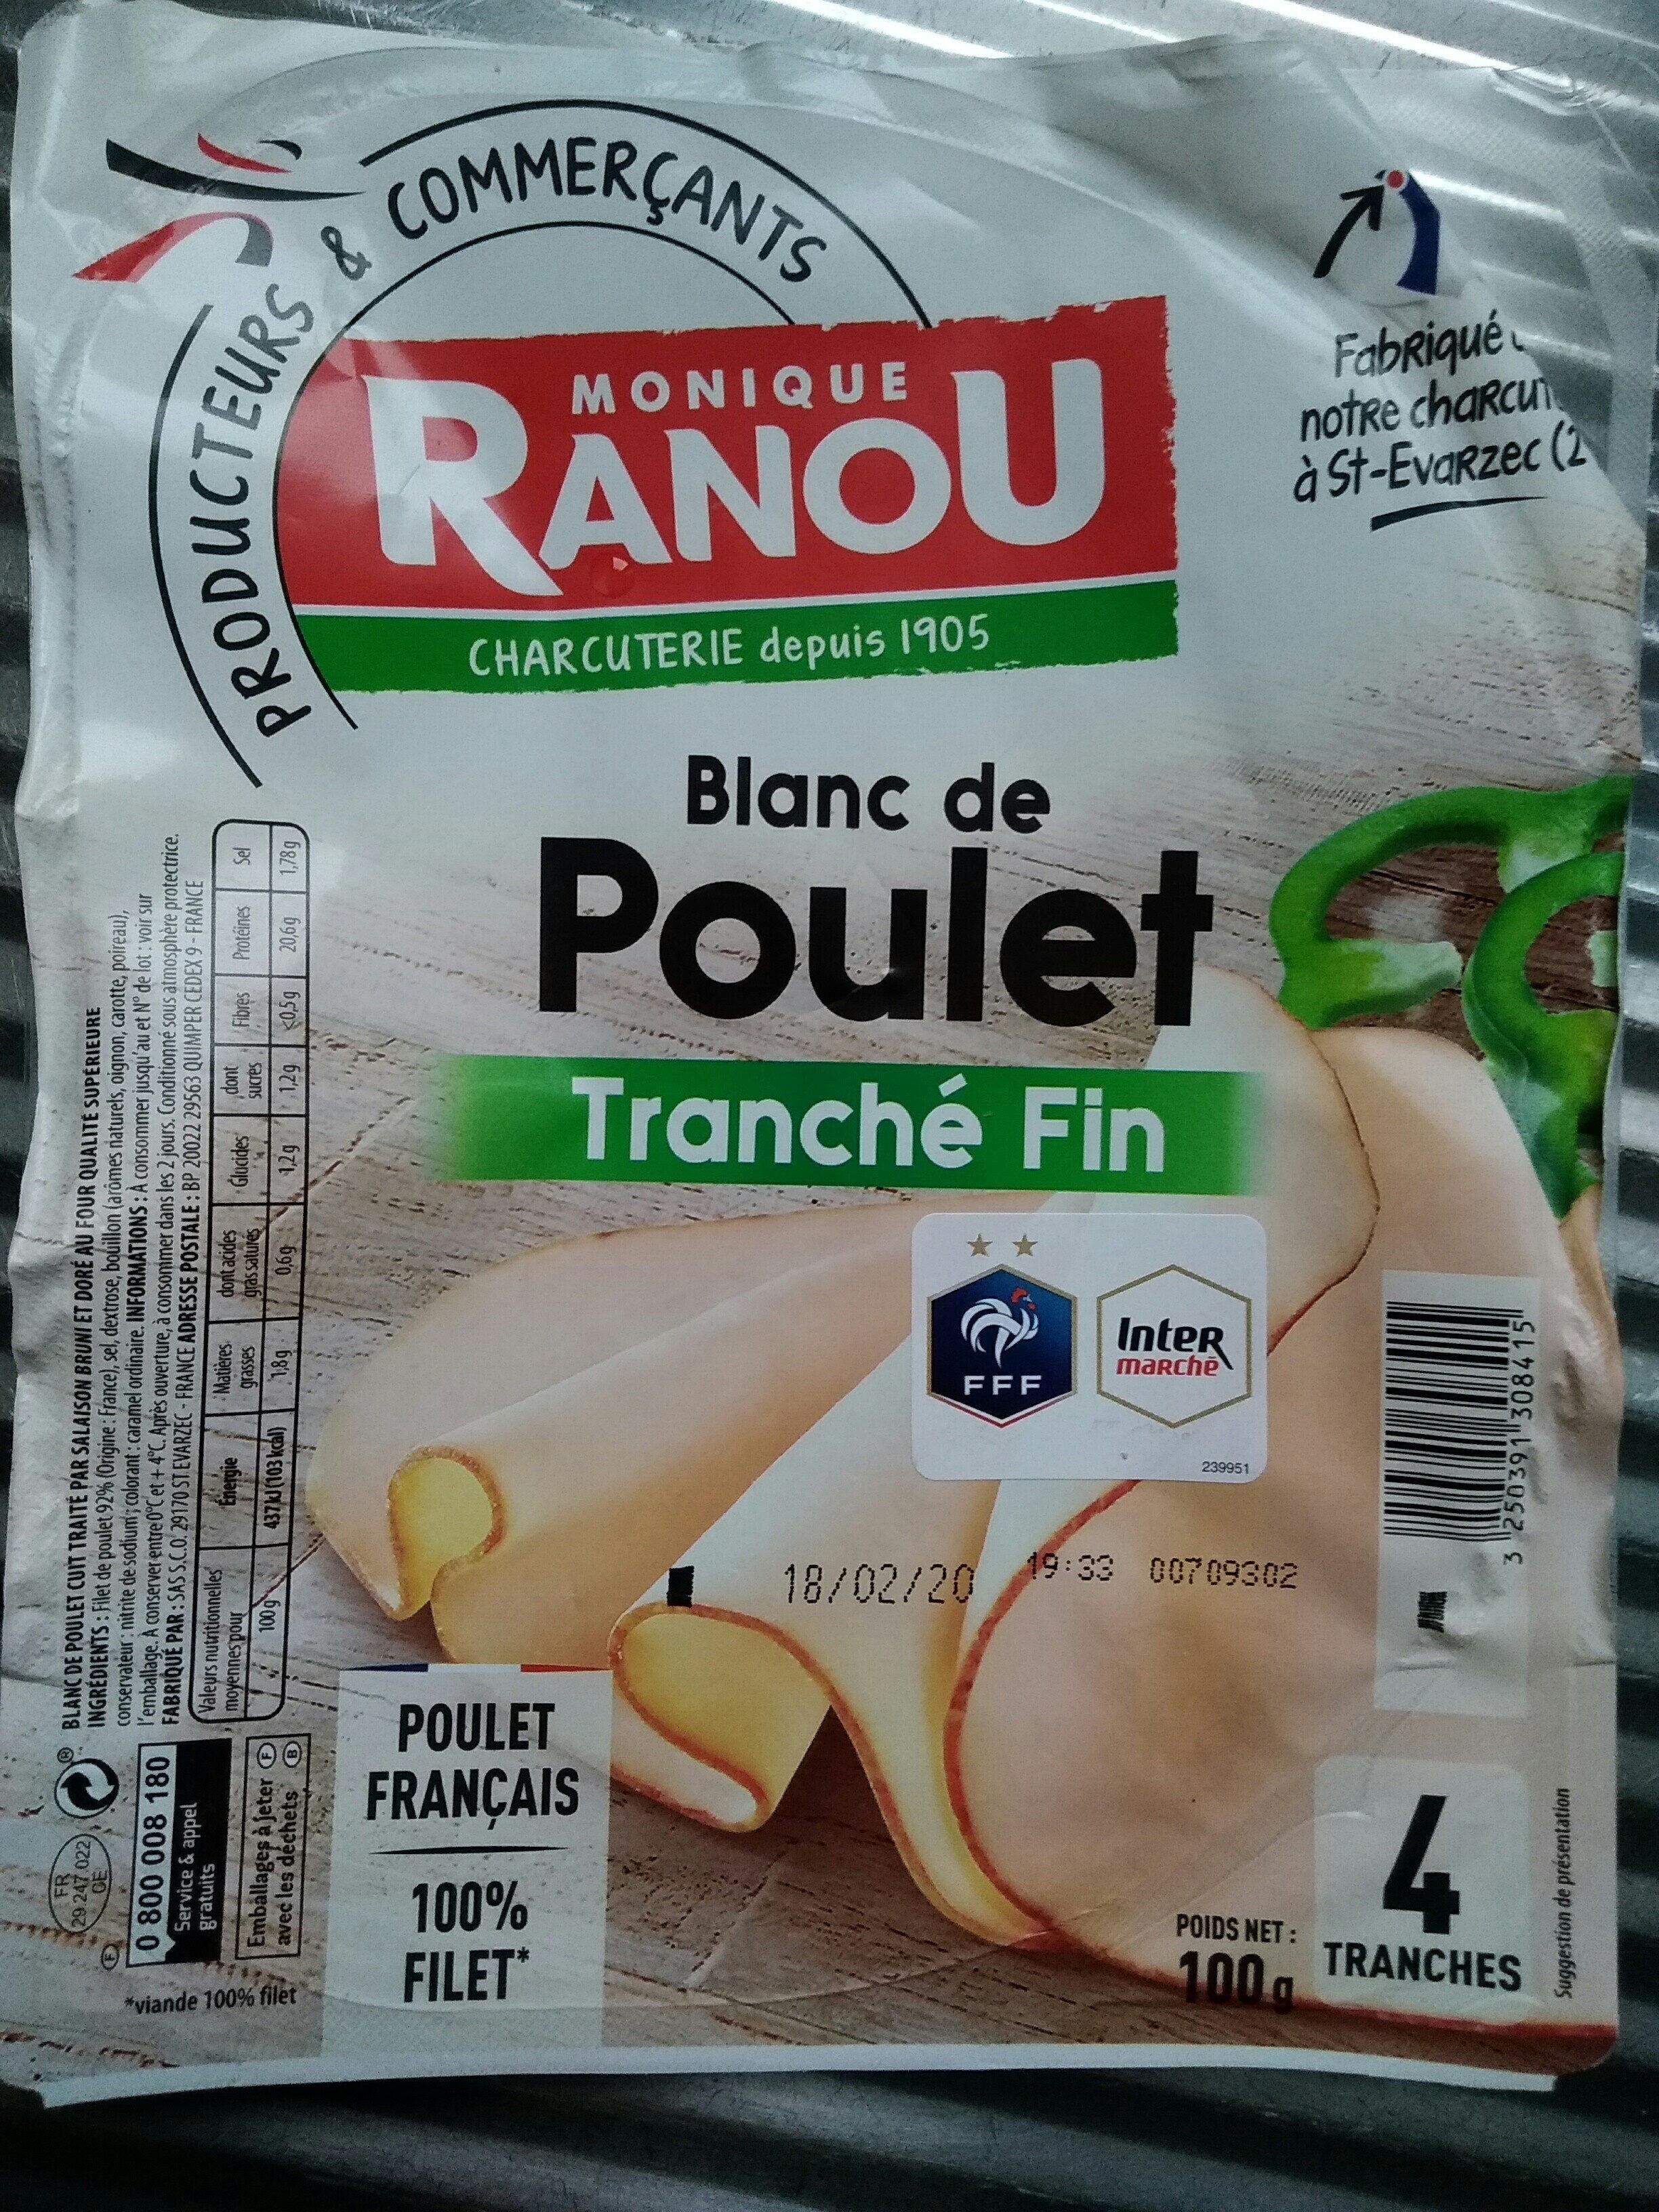 Mon tranche fin de poulet, barquette de 4 tranches - Product - fr